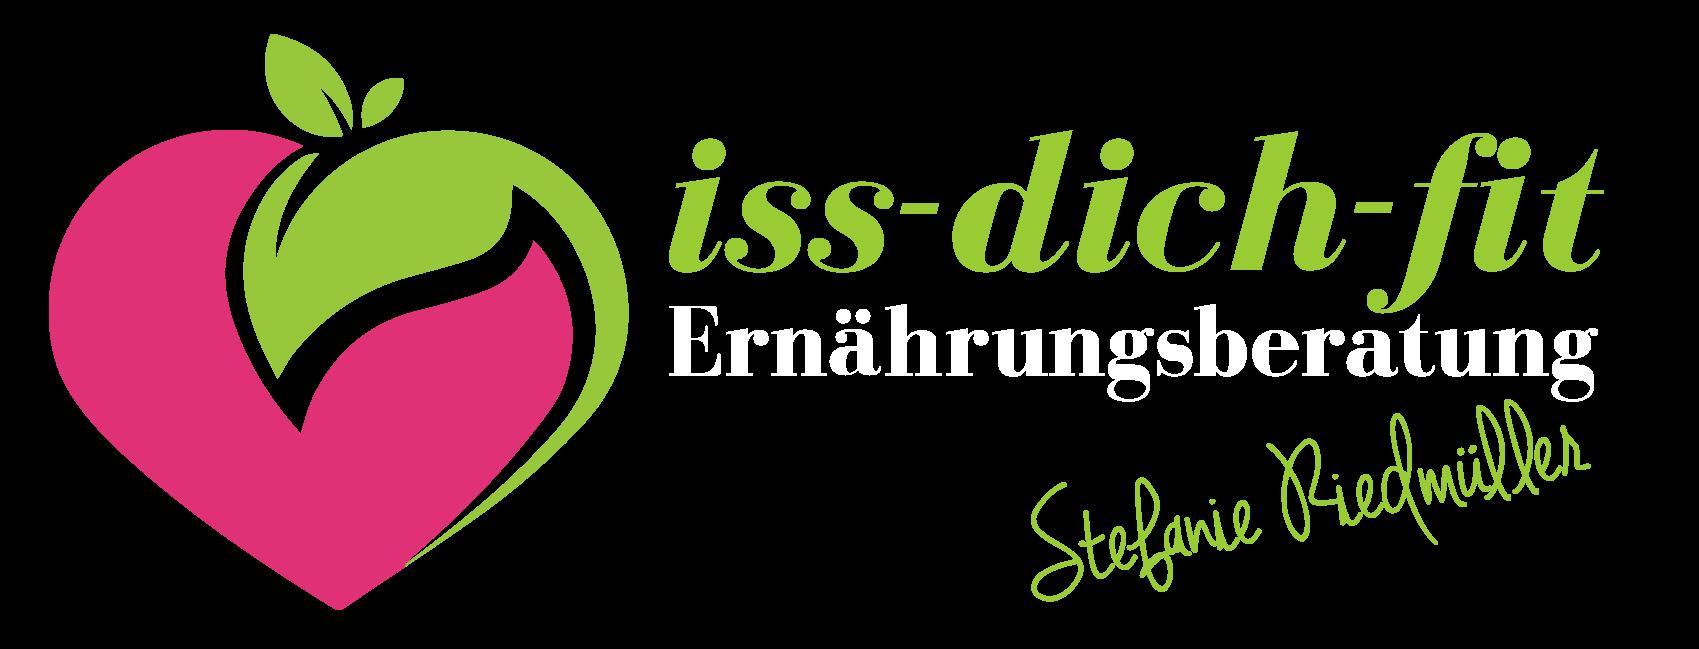 iss-dich-fit Ernährungsberatung